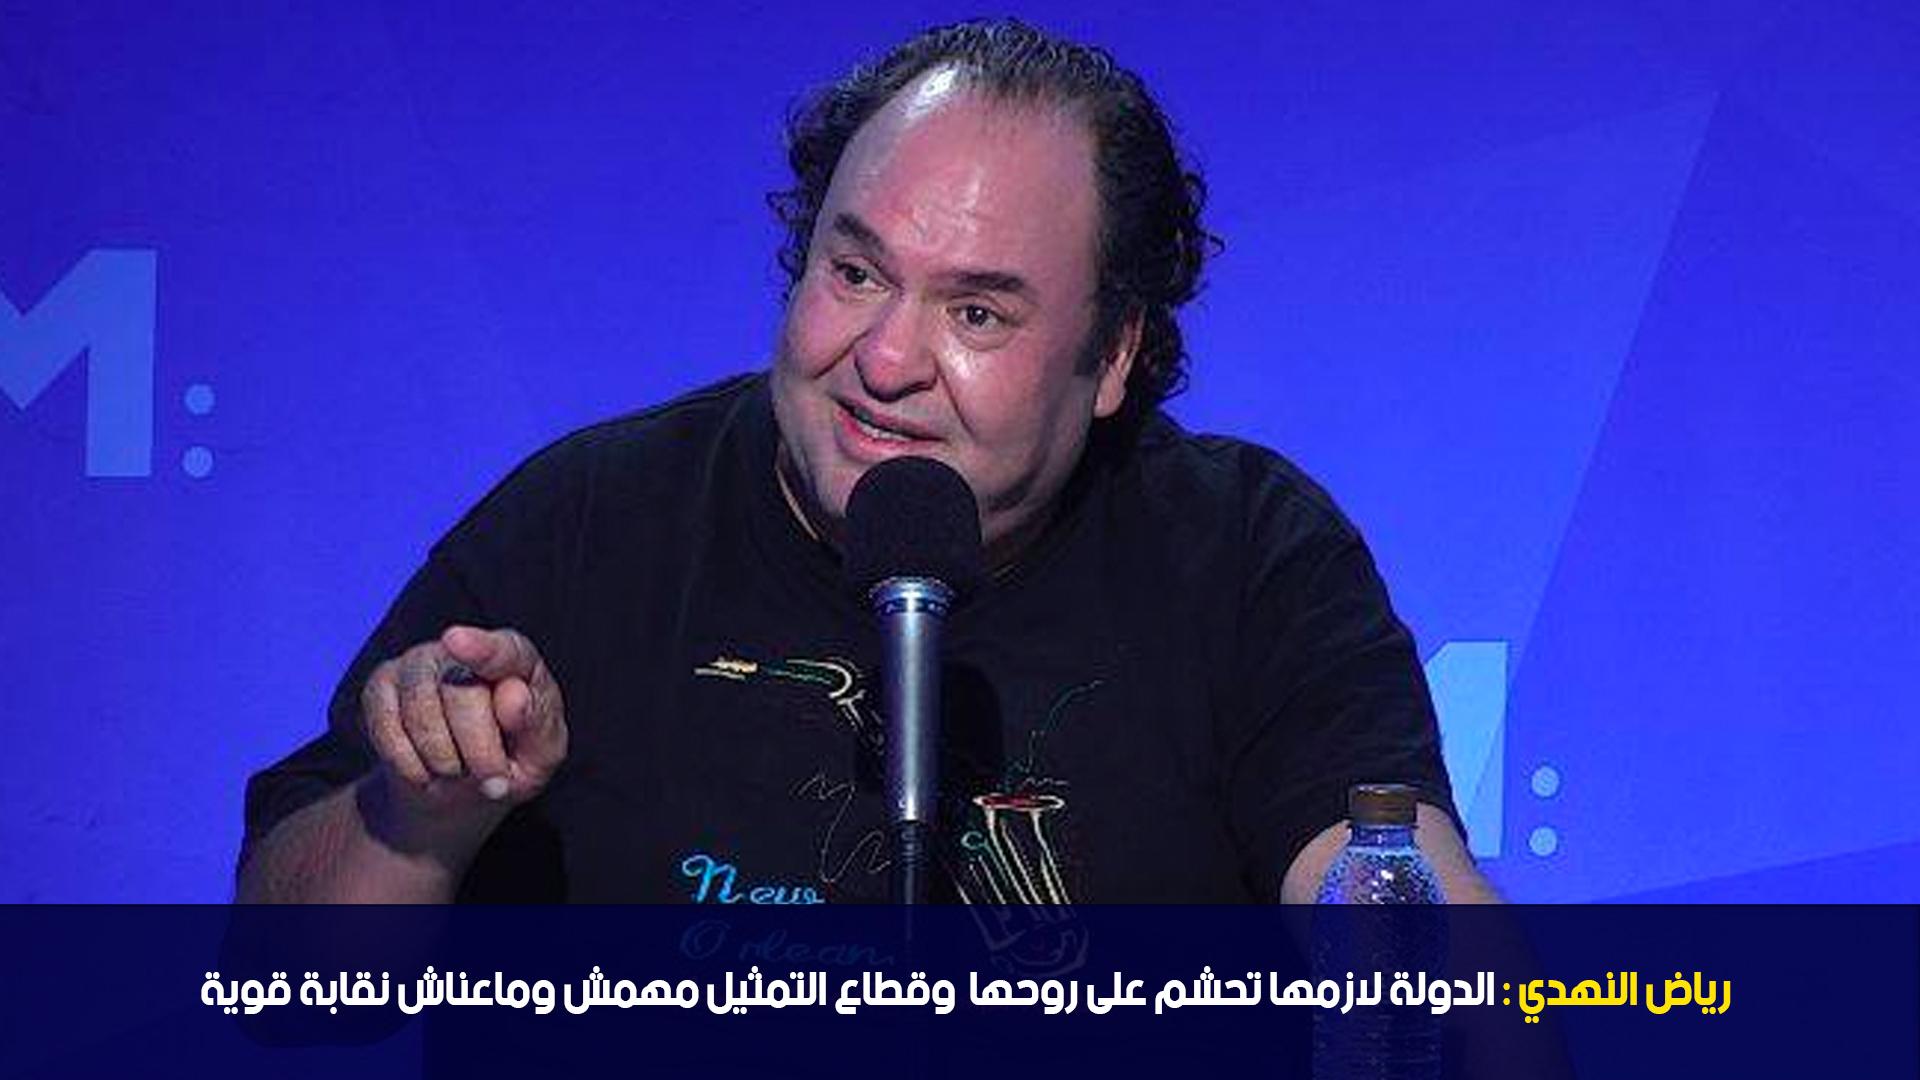 رياض النهدي:الدولة لازمها تحشم على روحها وقطاع التمثيل مهمش وماعناش نقابة قوية